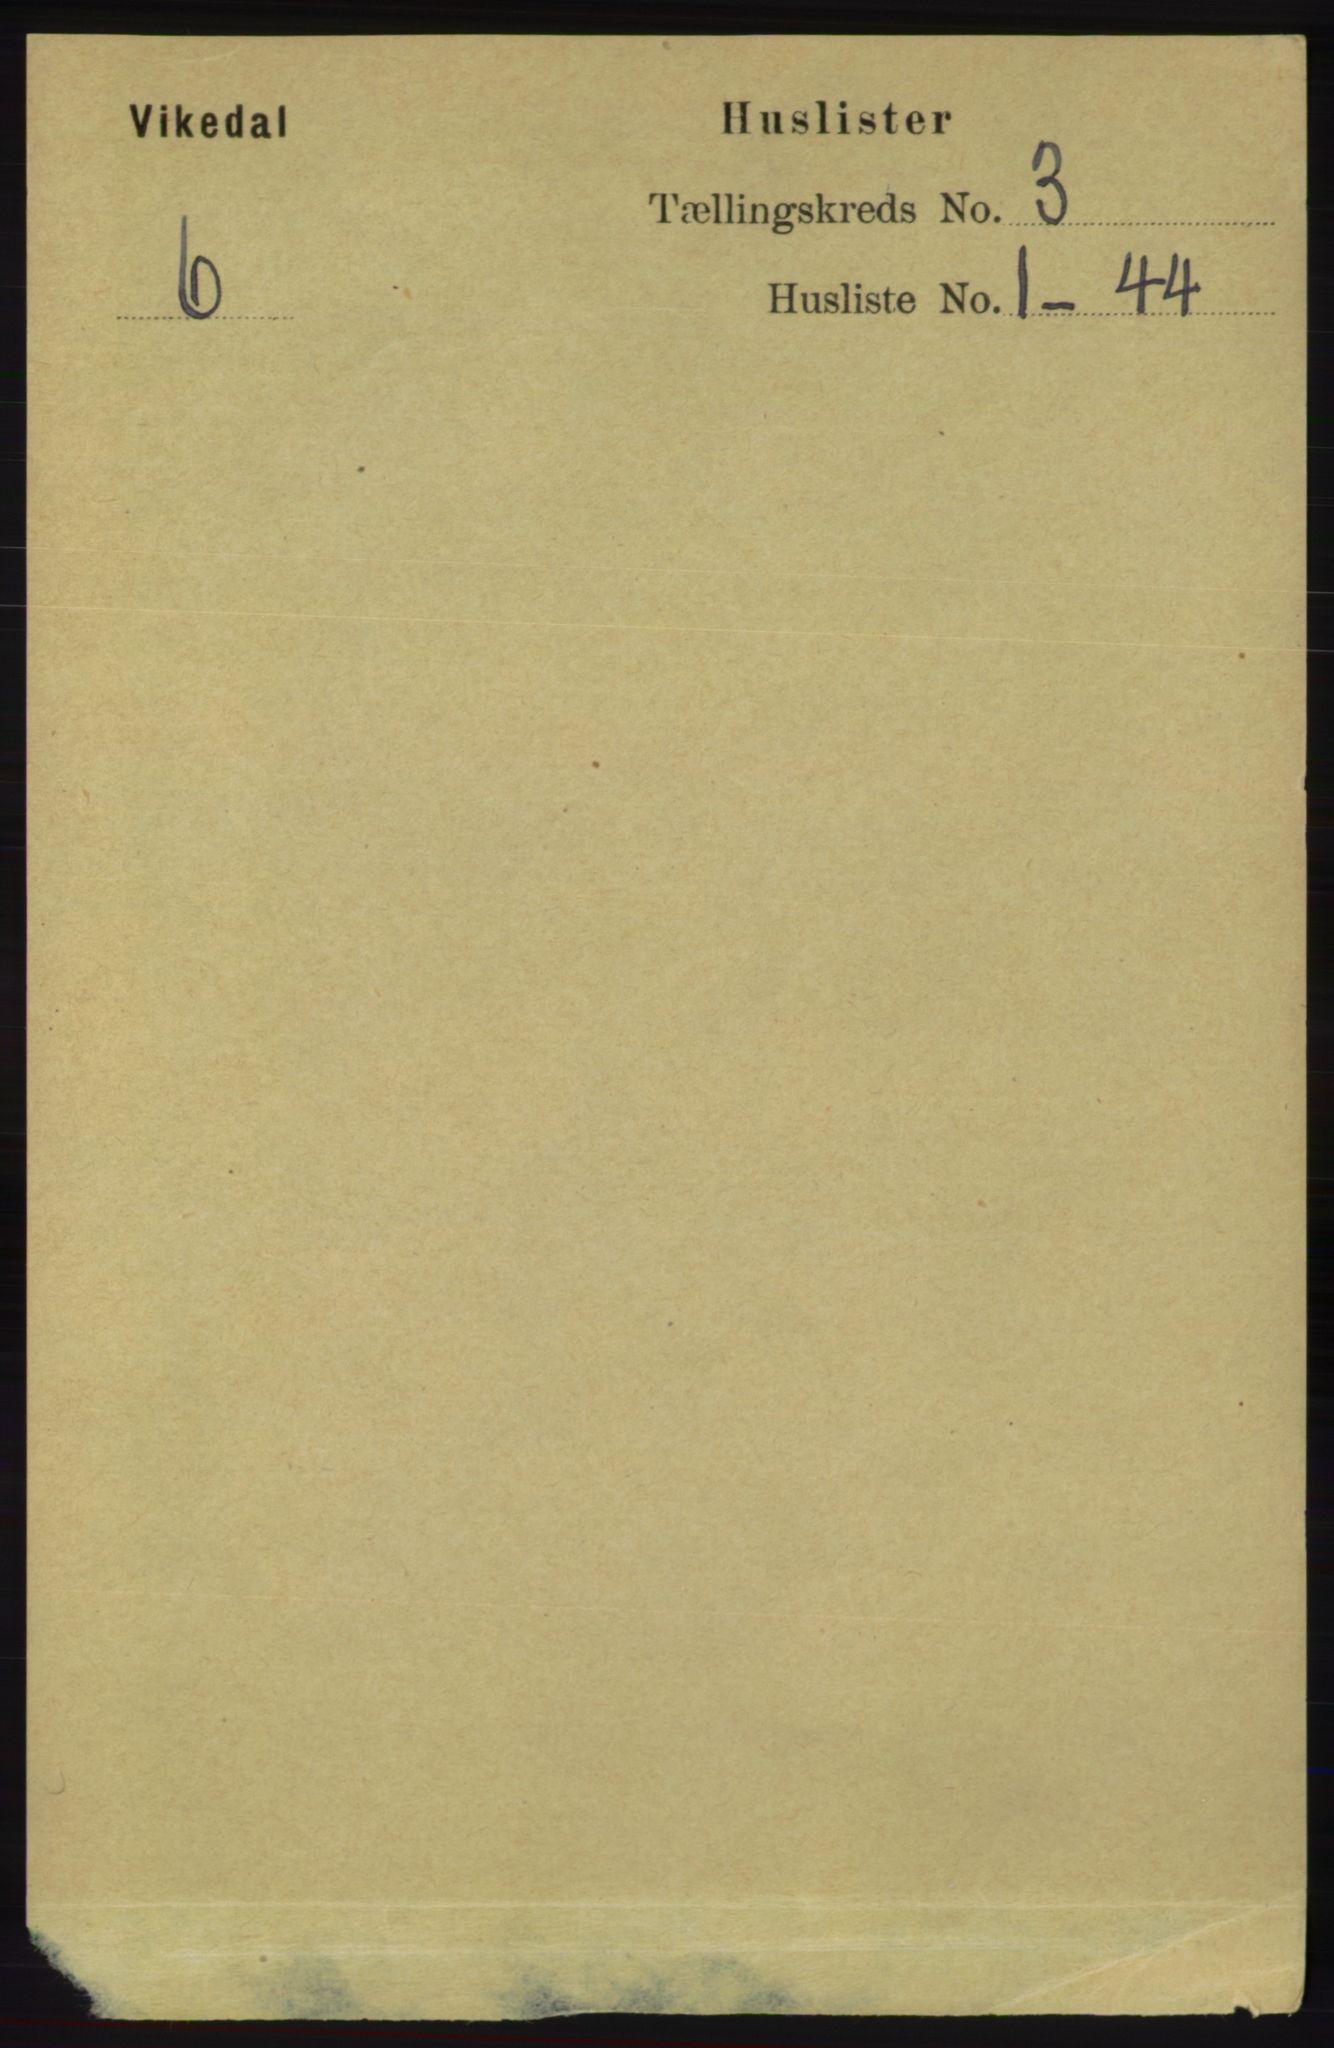 RA, Folketelling 1891 for 1157 Vikedal herred, 1891, s. 676